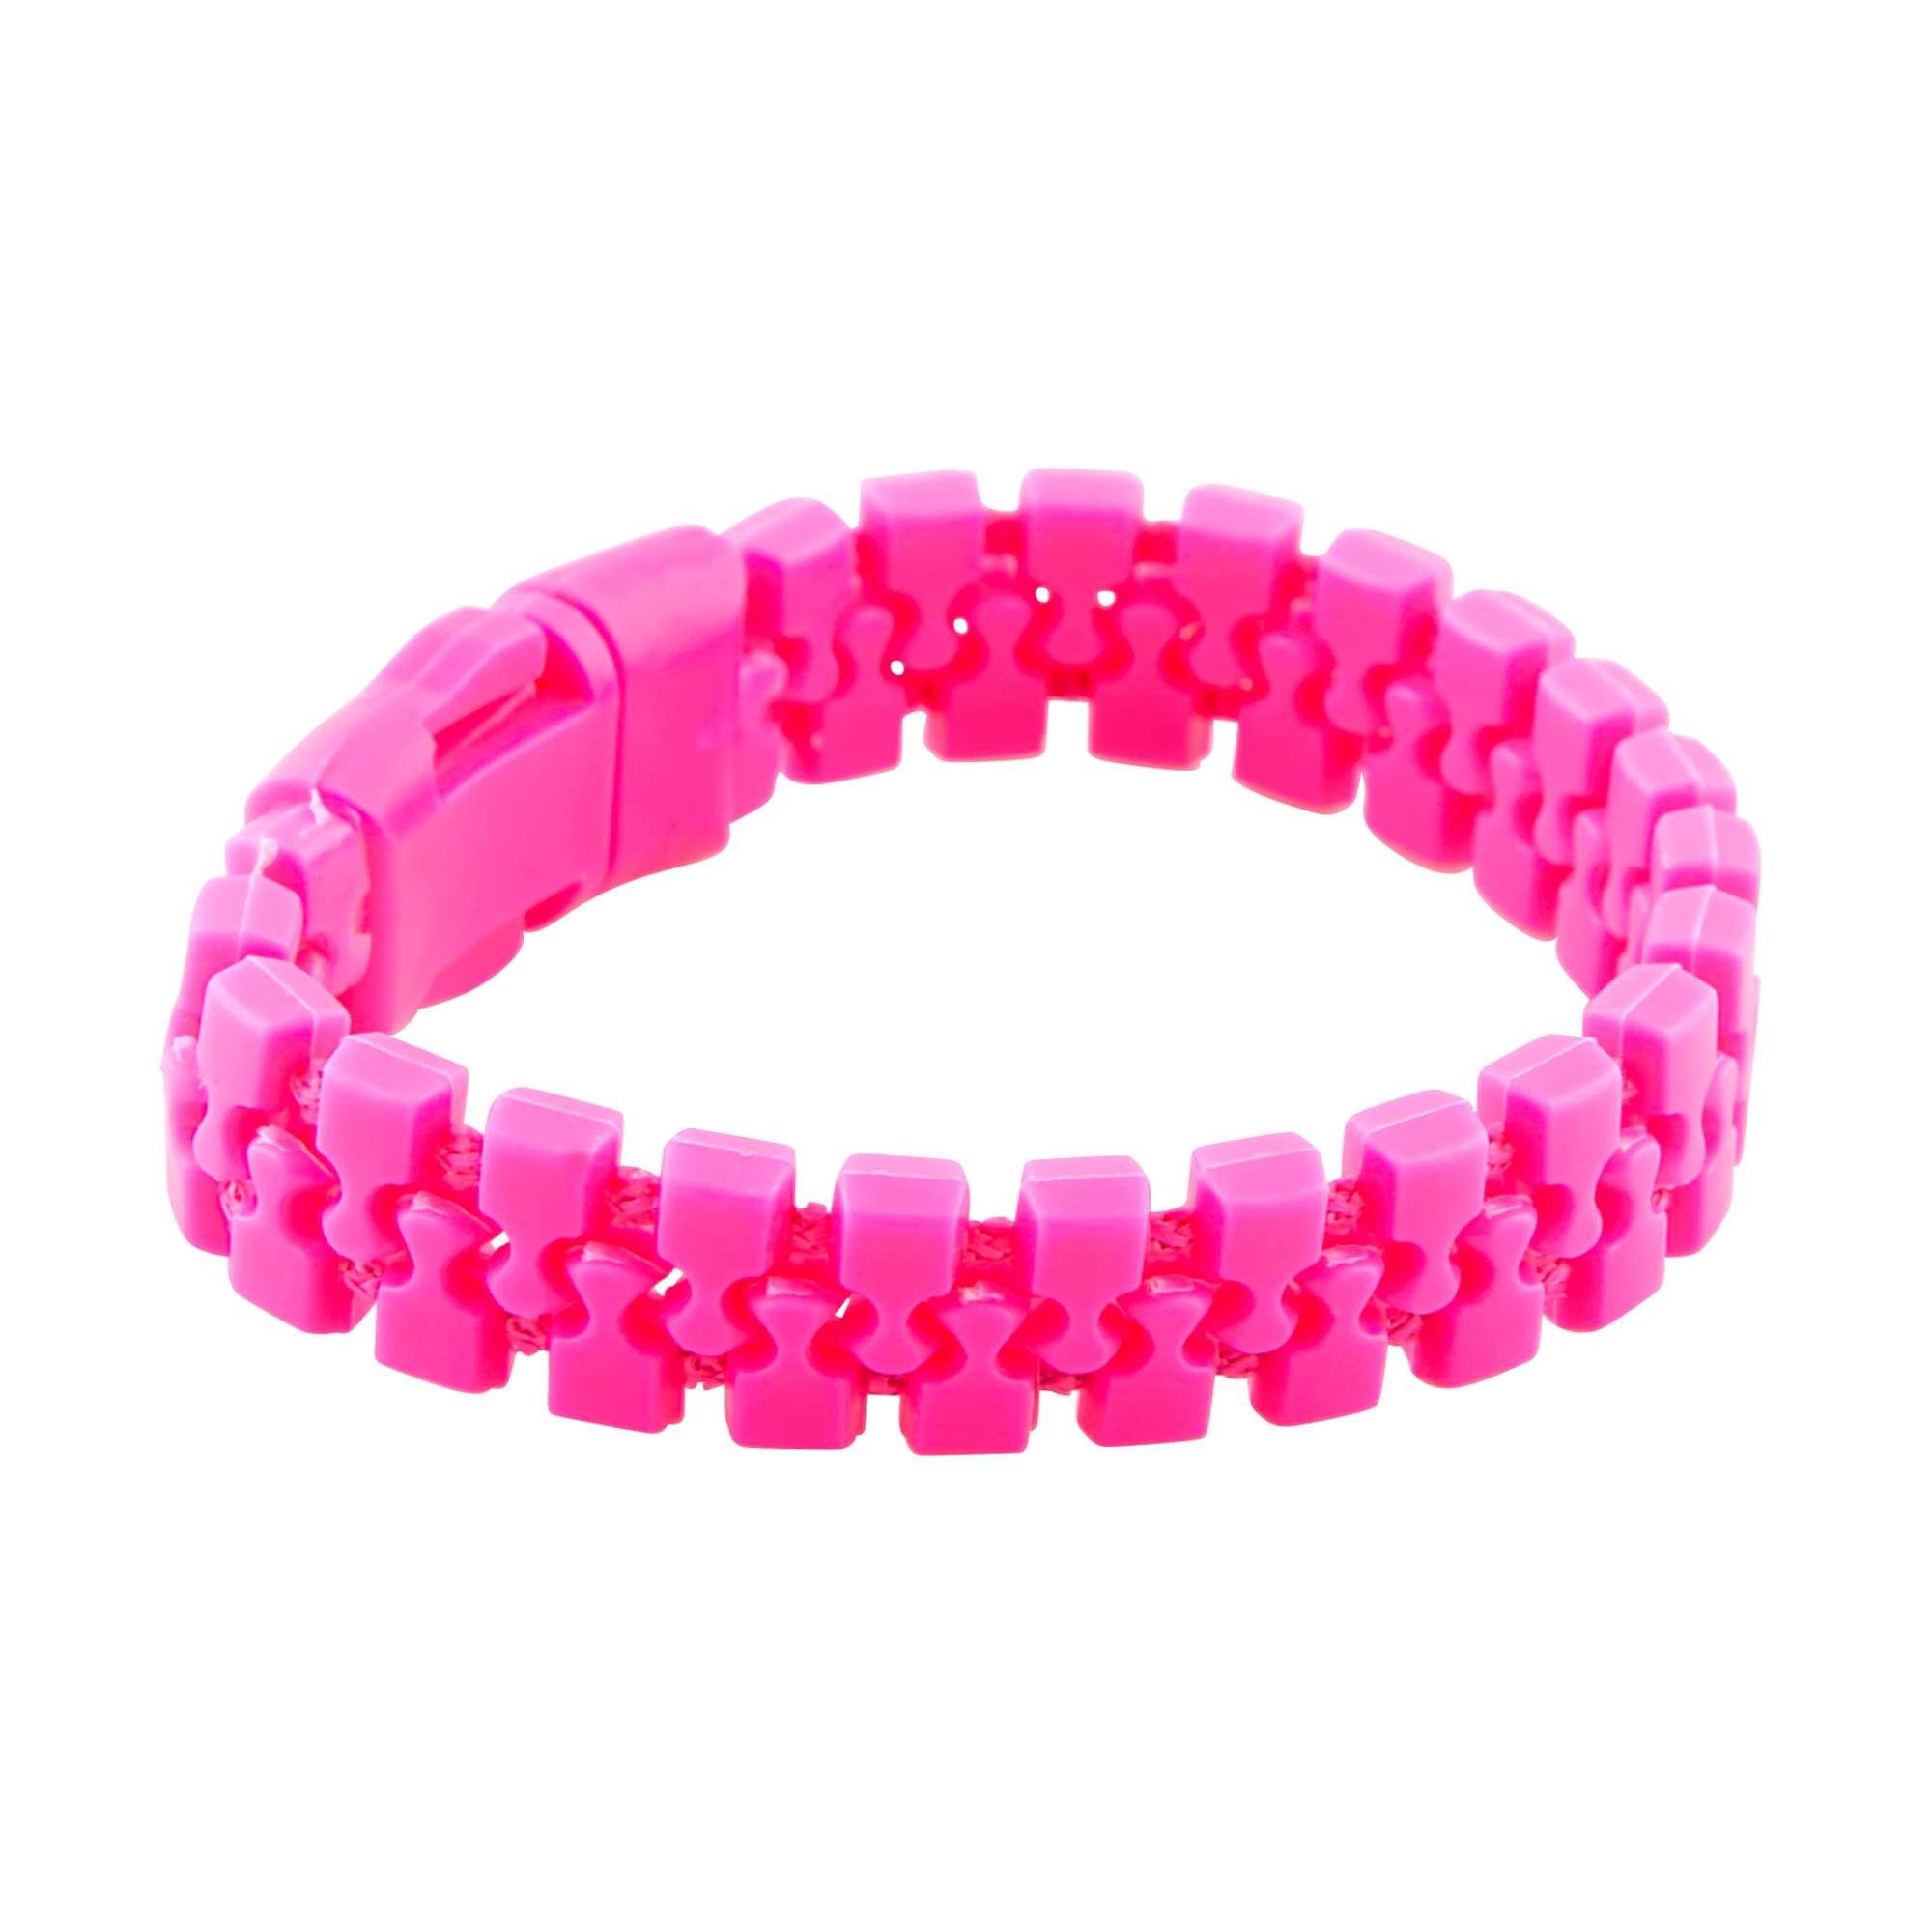 Couleur : rose fluo, , ,, - Taille : TU, , ,,On met de la couleur pour faire la fête ! - Bracelet souple effet zip - Ouverture